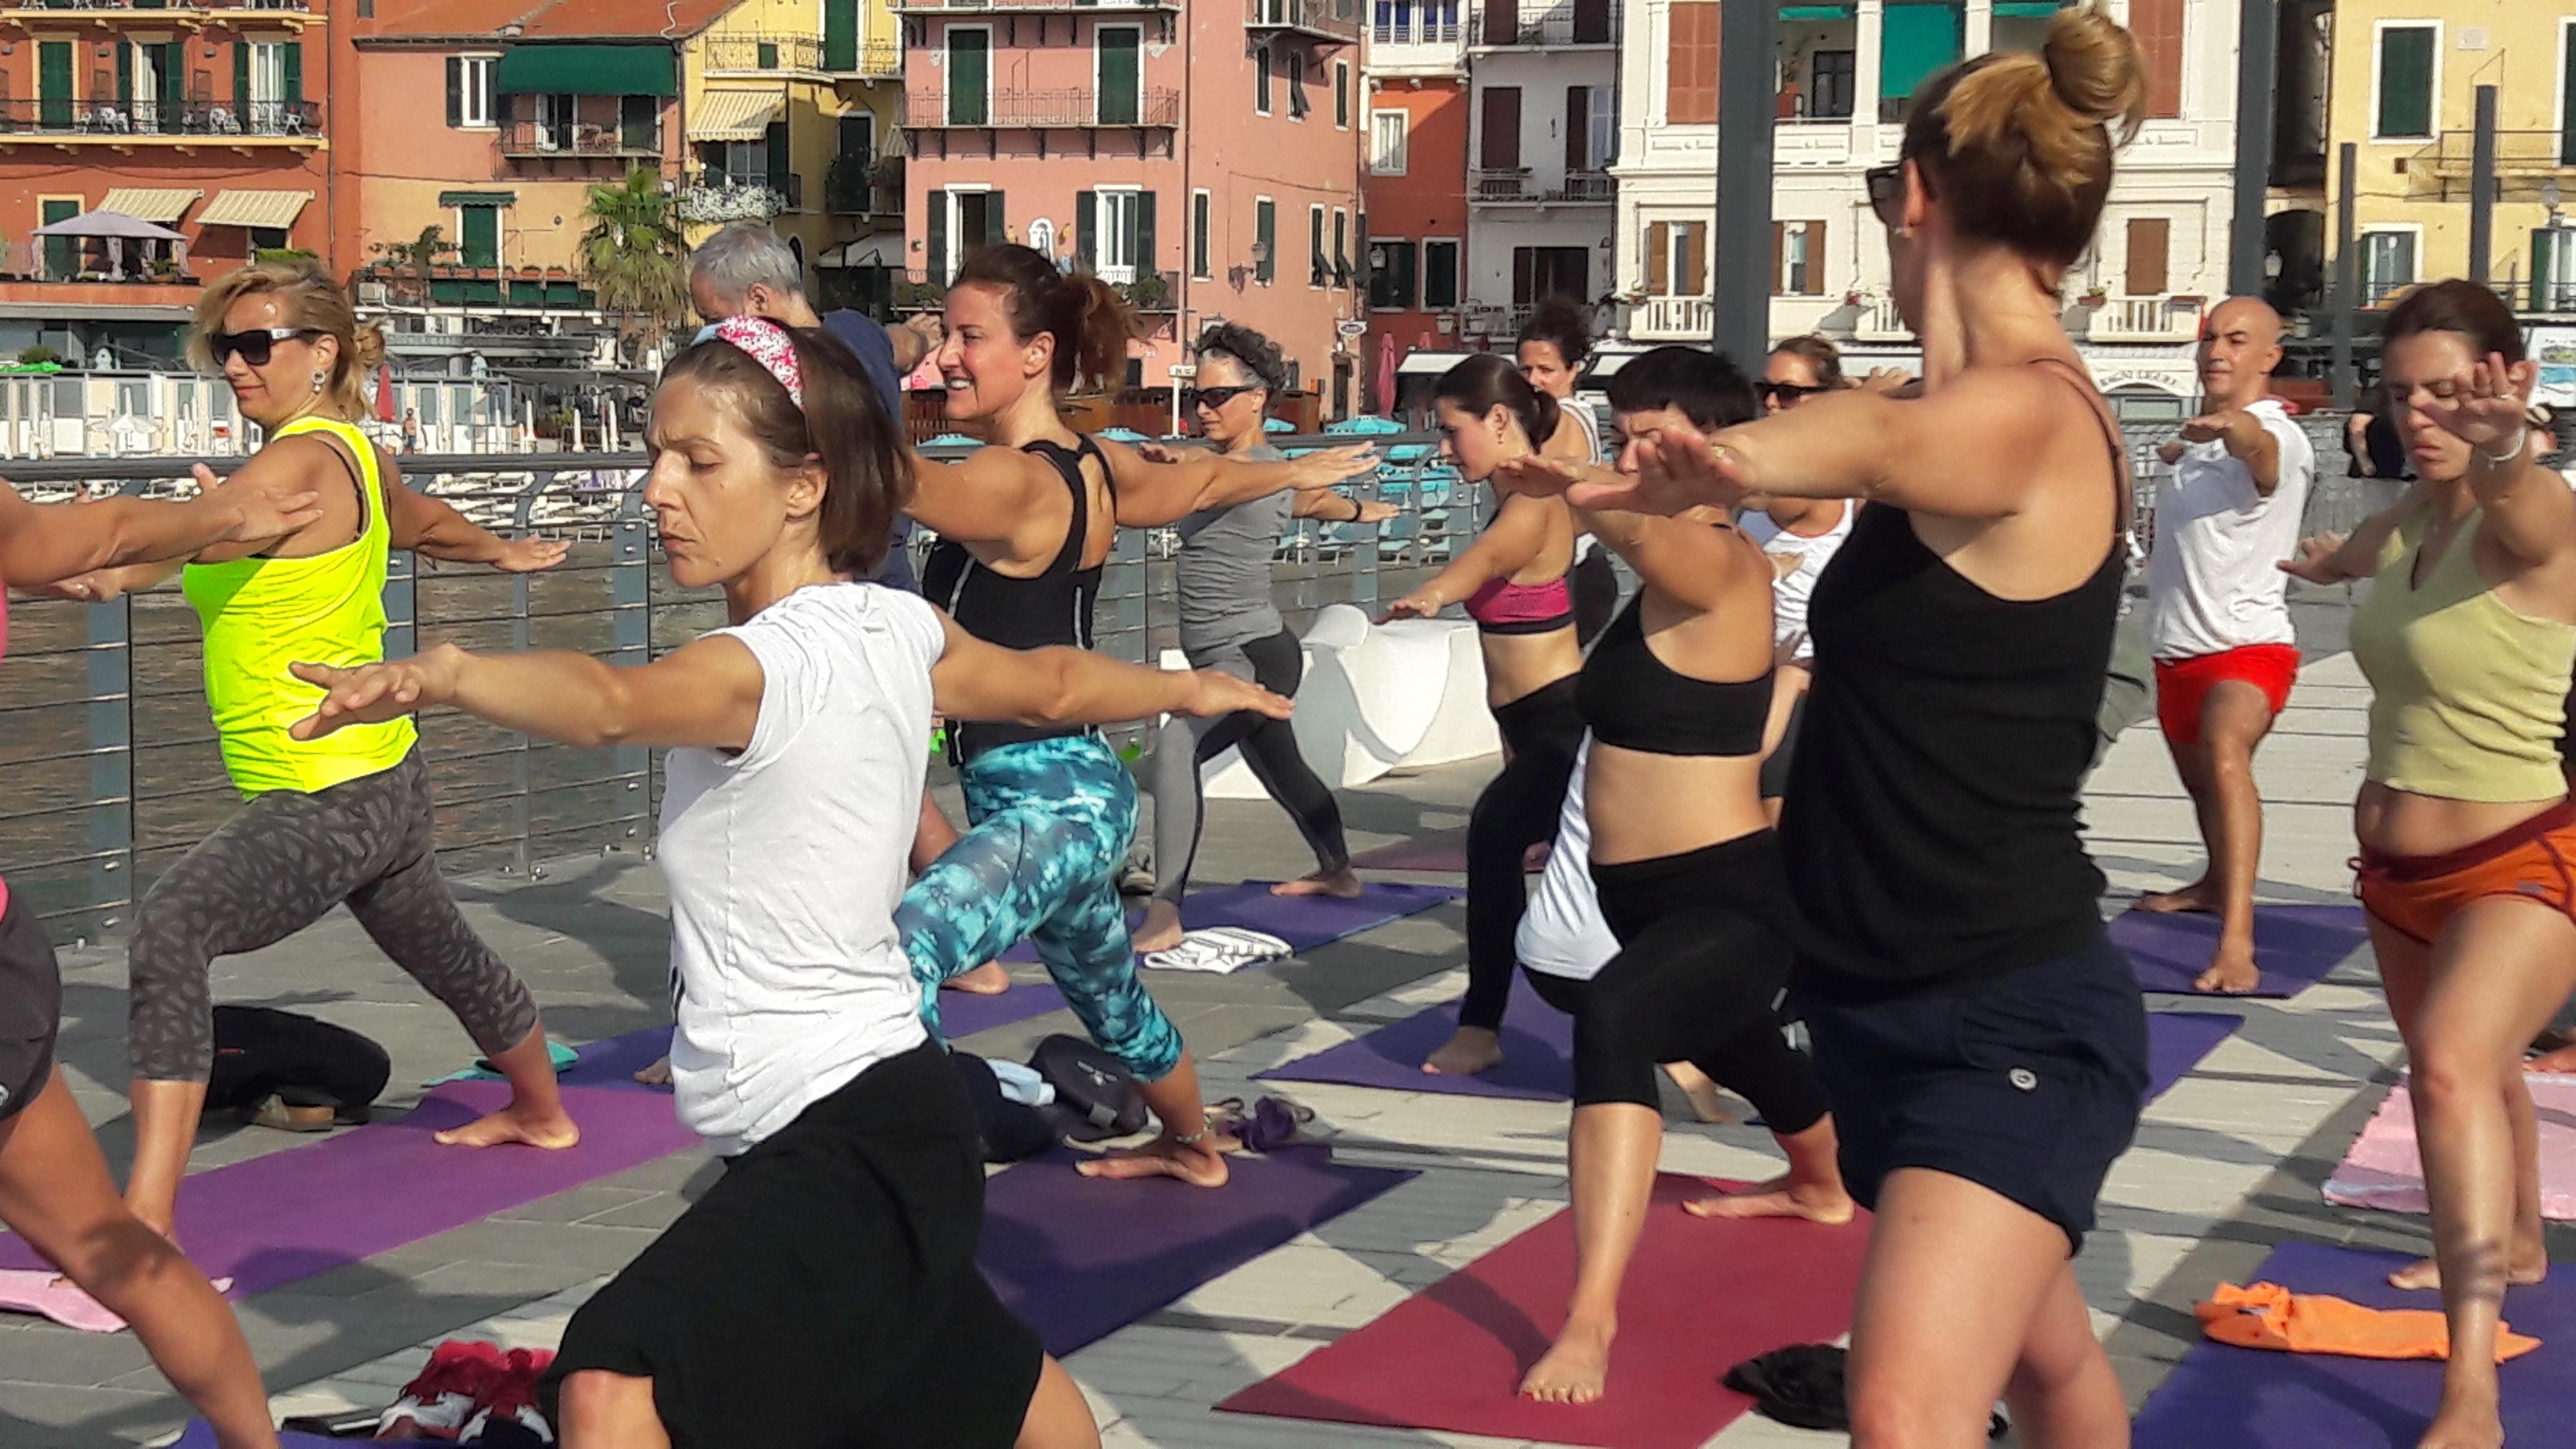 1_essere-free-yoga-gratuito-benessere-per-tutti-village-citta-alassio-estate-lucia-ragazzi-summer-town-wellness-060